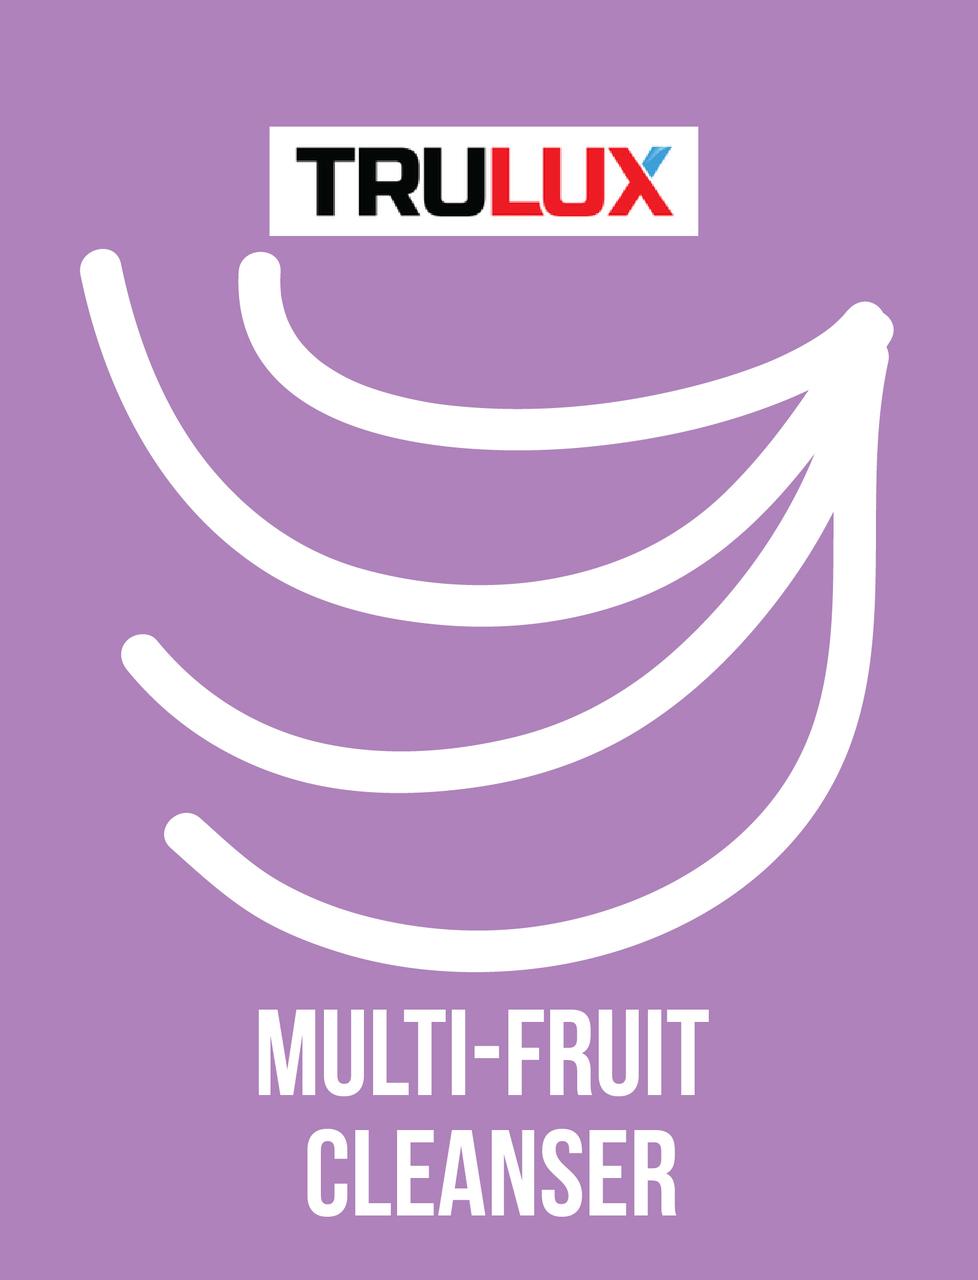 MULTI-FRUIT CLEANSER